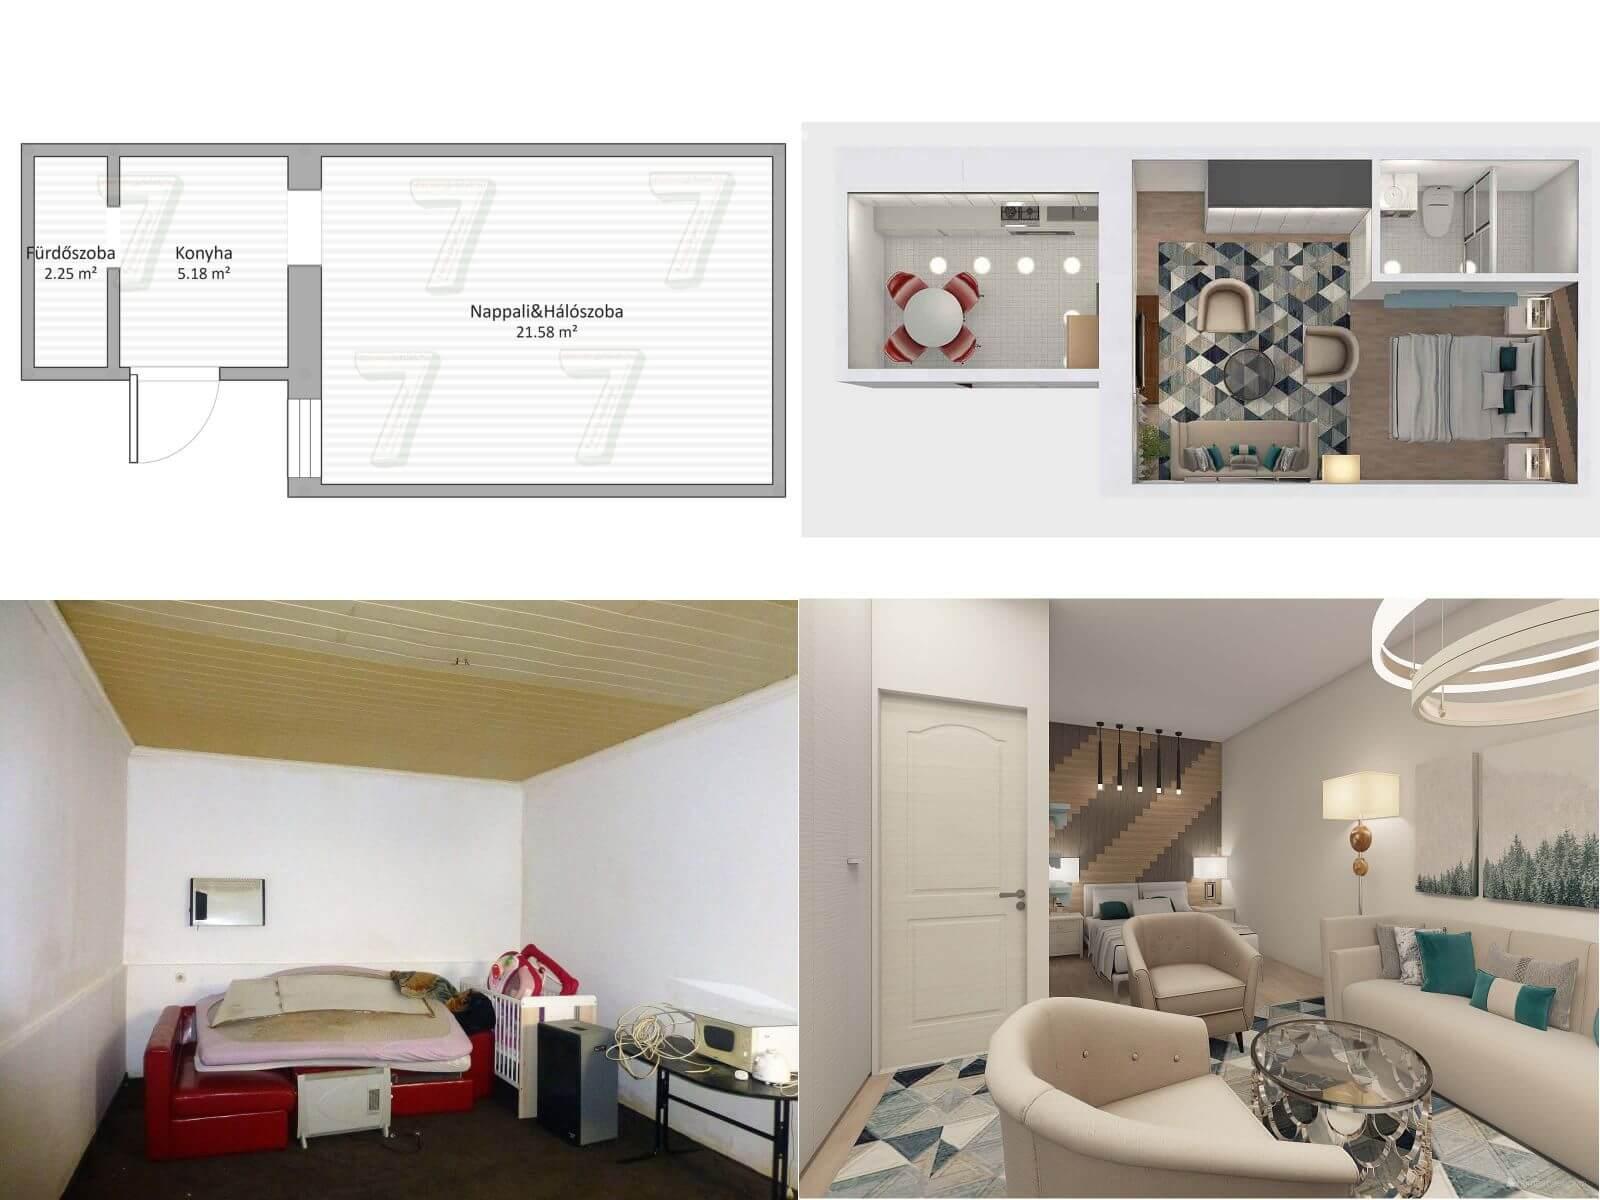 Eladó 29 nm-es stúdió lakás-Budapest XIV-Zugló-Rózsavölgyi tér- http://alacsonyjutalek.hu/ - Megbízható, megfizethető, minőségi ingatlanközvetítő iroda-tel: 36-30-9843-962